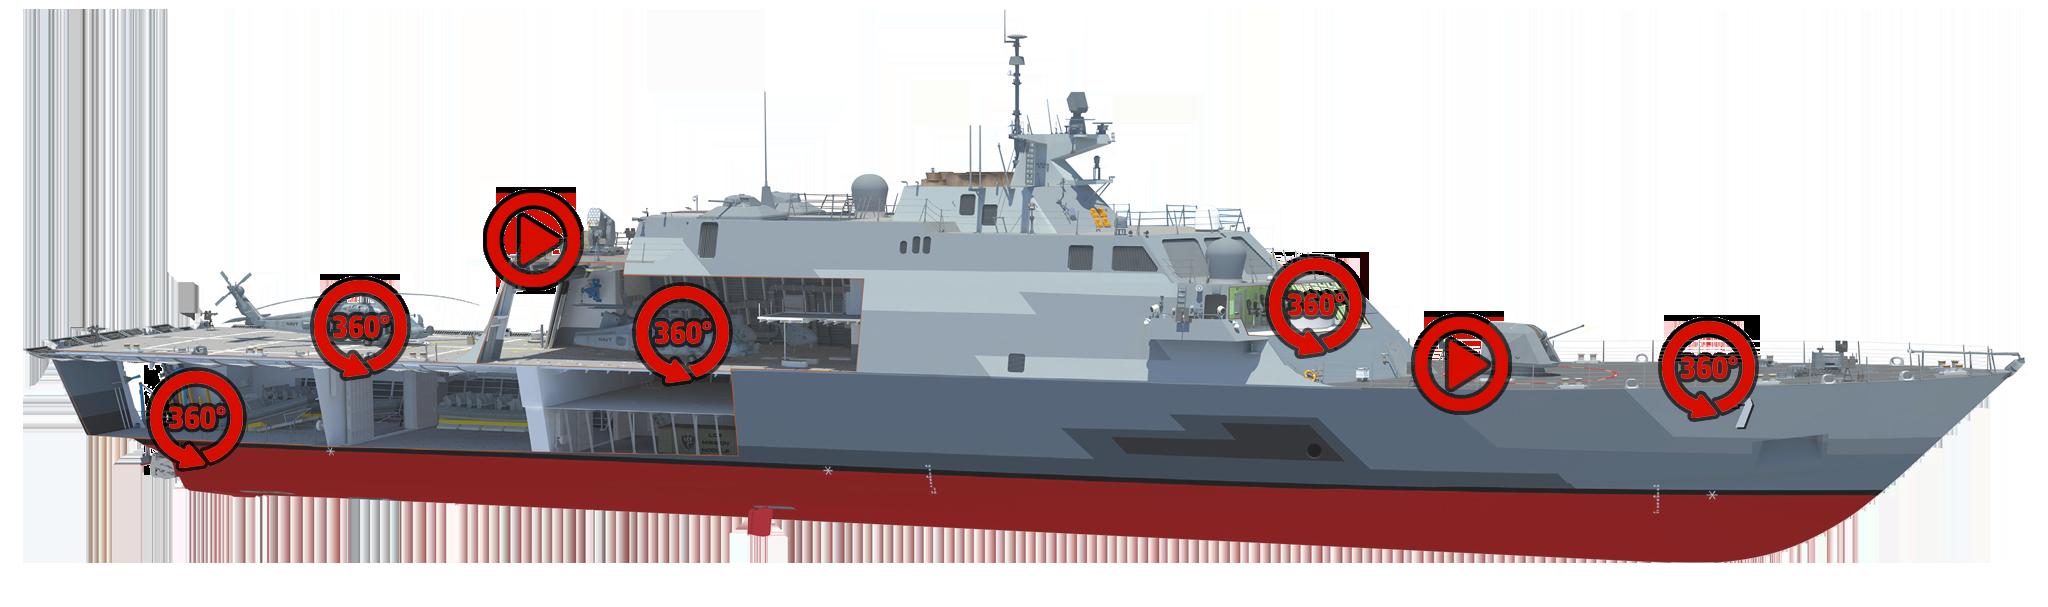 navy clipart warship